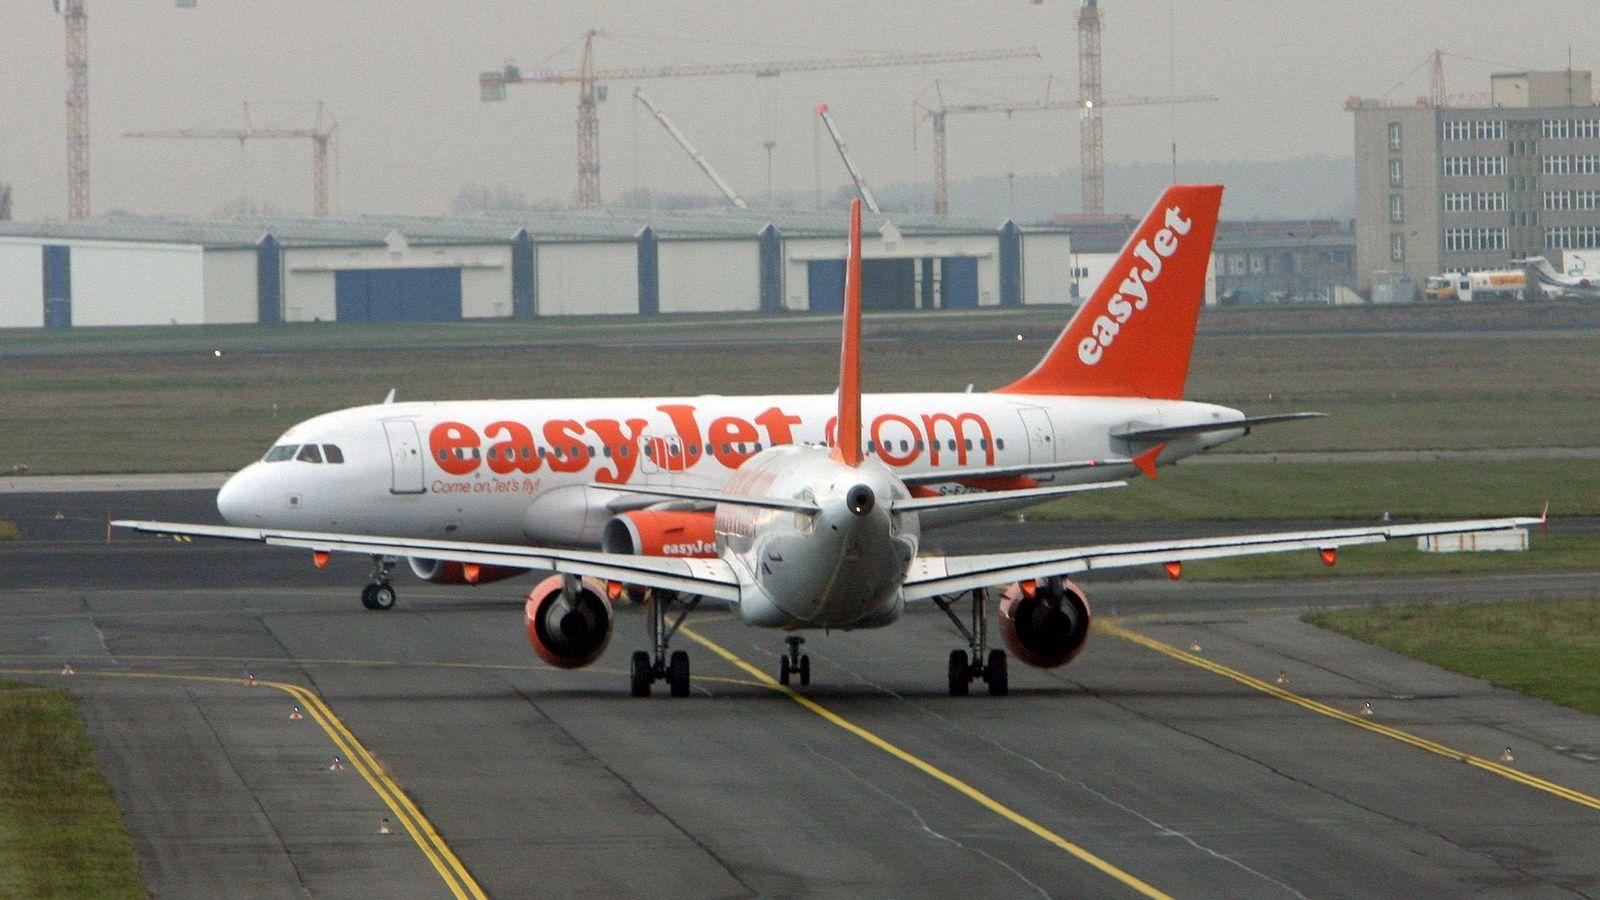 Foto: Dos aviones de la aerolínea de bajo coste Easyjet. (EFE)